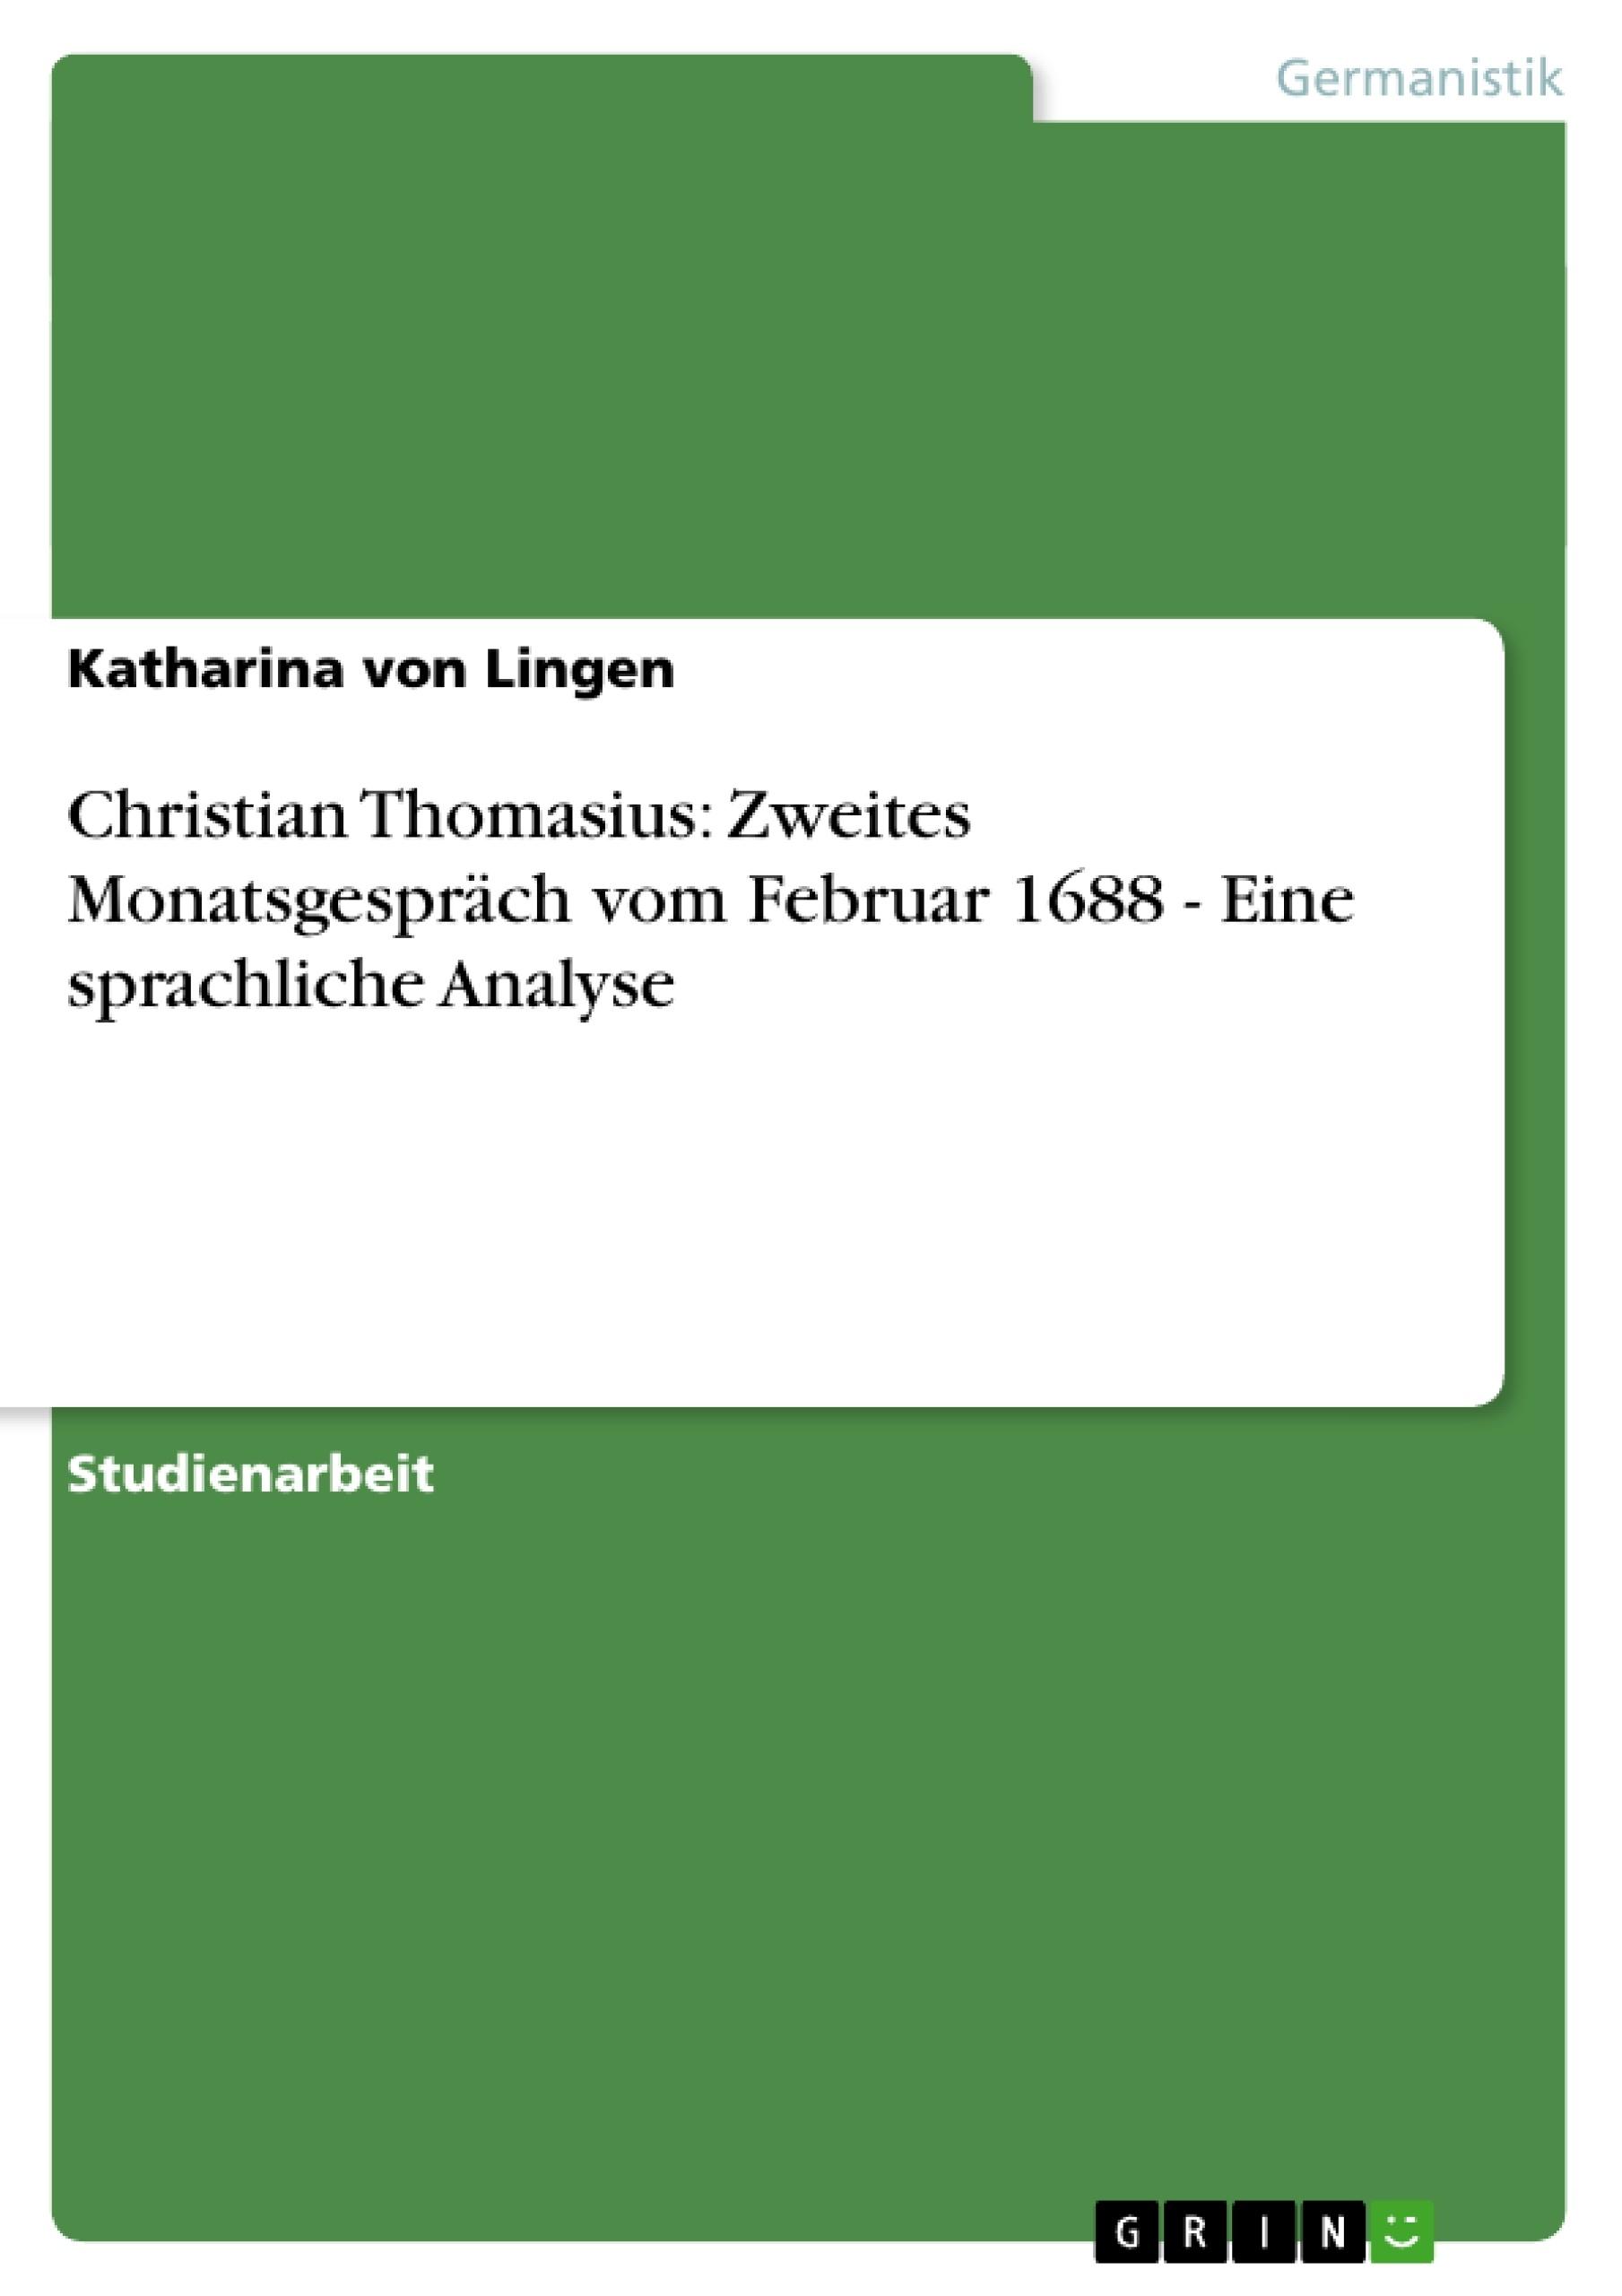 Titel: Christian Thomasius: Zweites Monatsgespräch vom Februar 1688 - Eine sprachliche Analyse